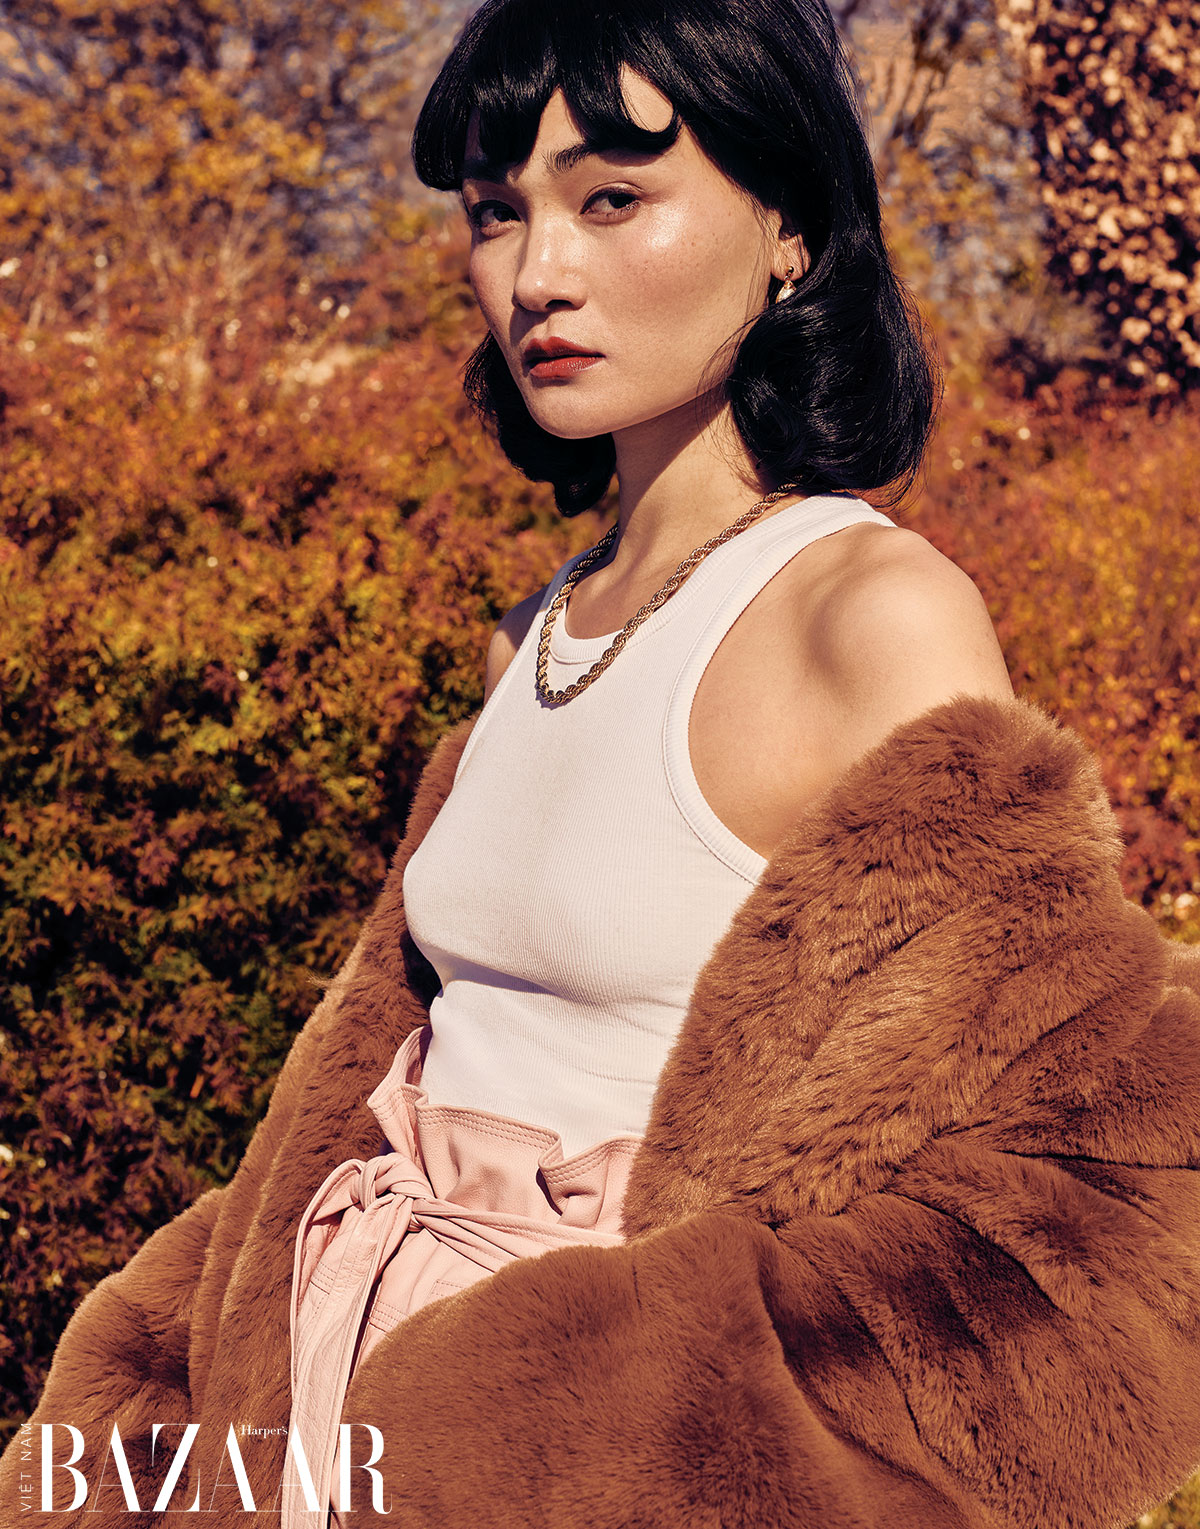 Thùy Trang Next Top Model chuẩn bị dự án truyền nghề cho người mẫu trẻ